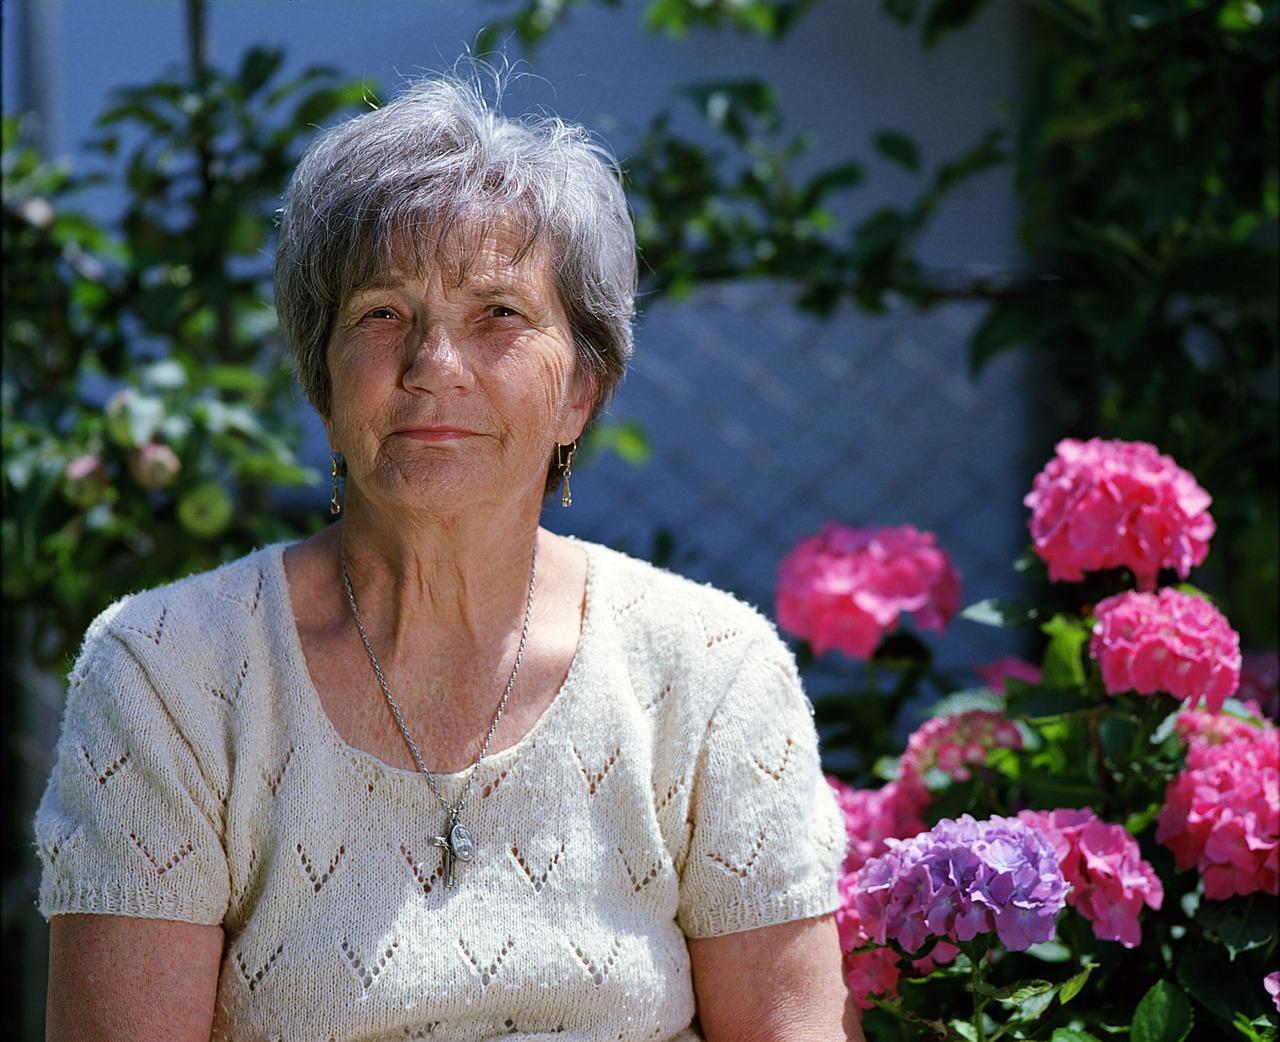 Quanto-E-Importante-il-Buonumore-per-gli-Anziani Quanto è importante il buonumore per gli anziani?